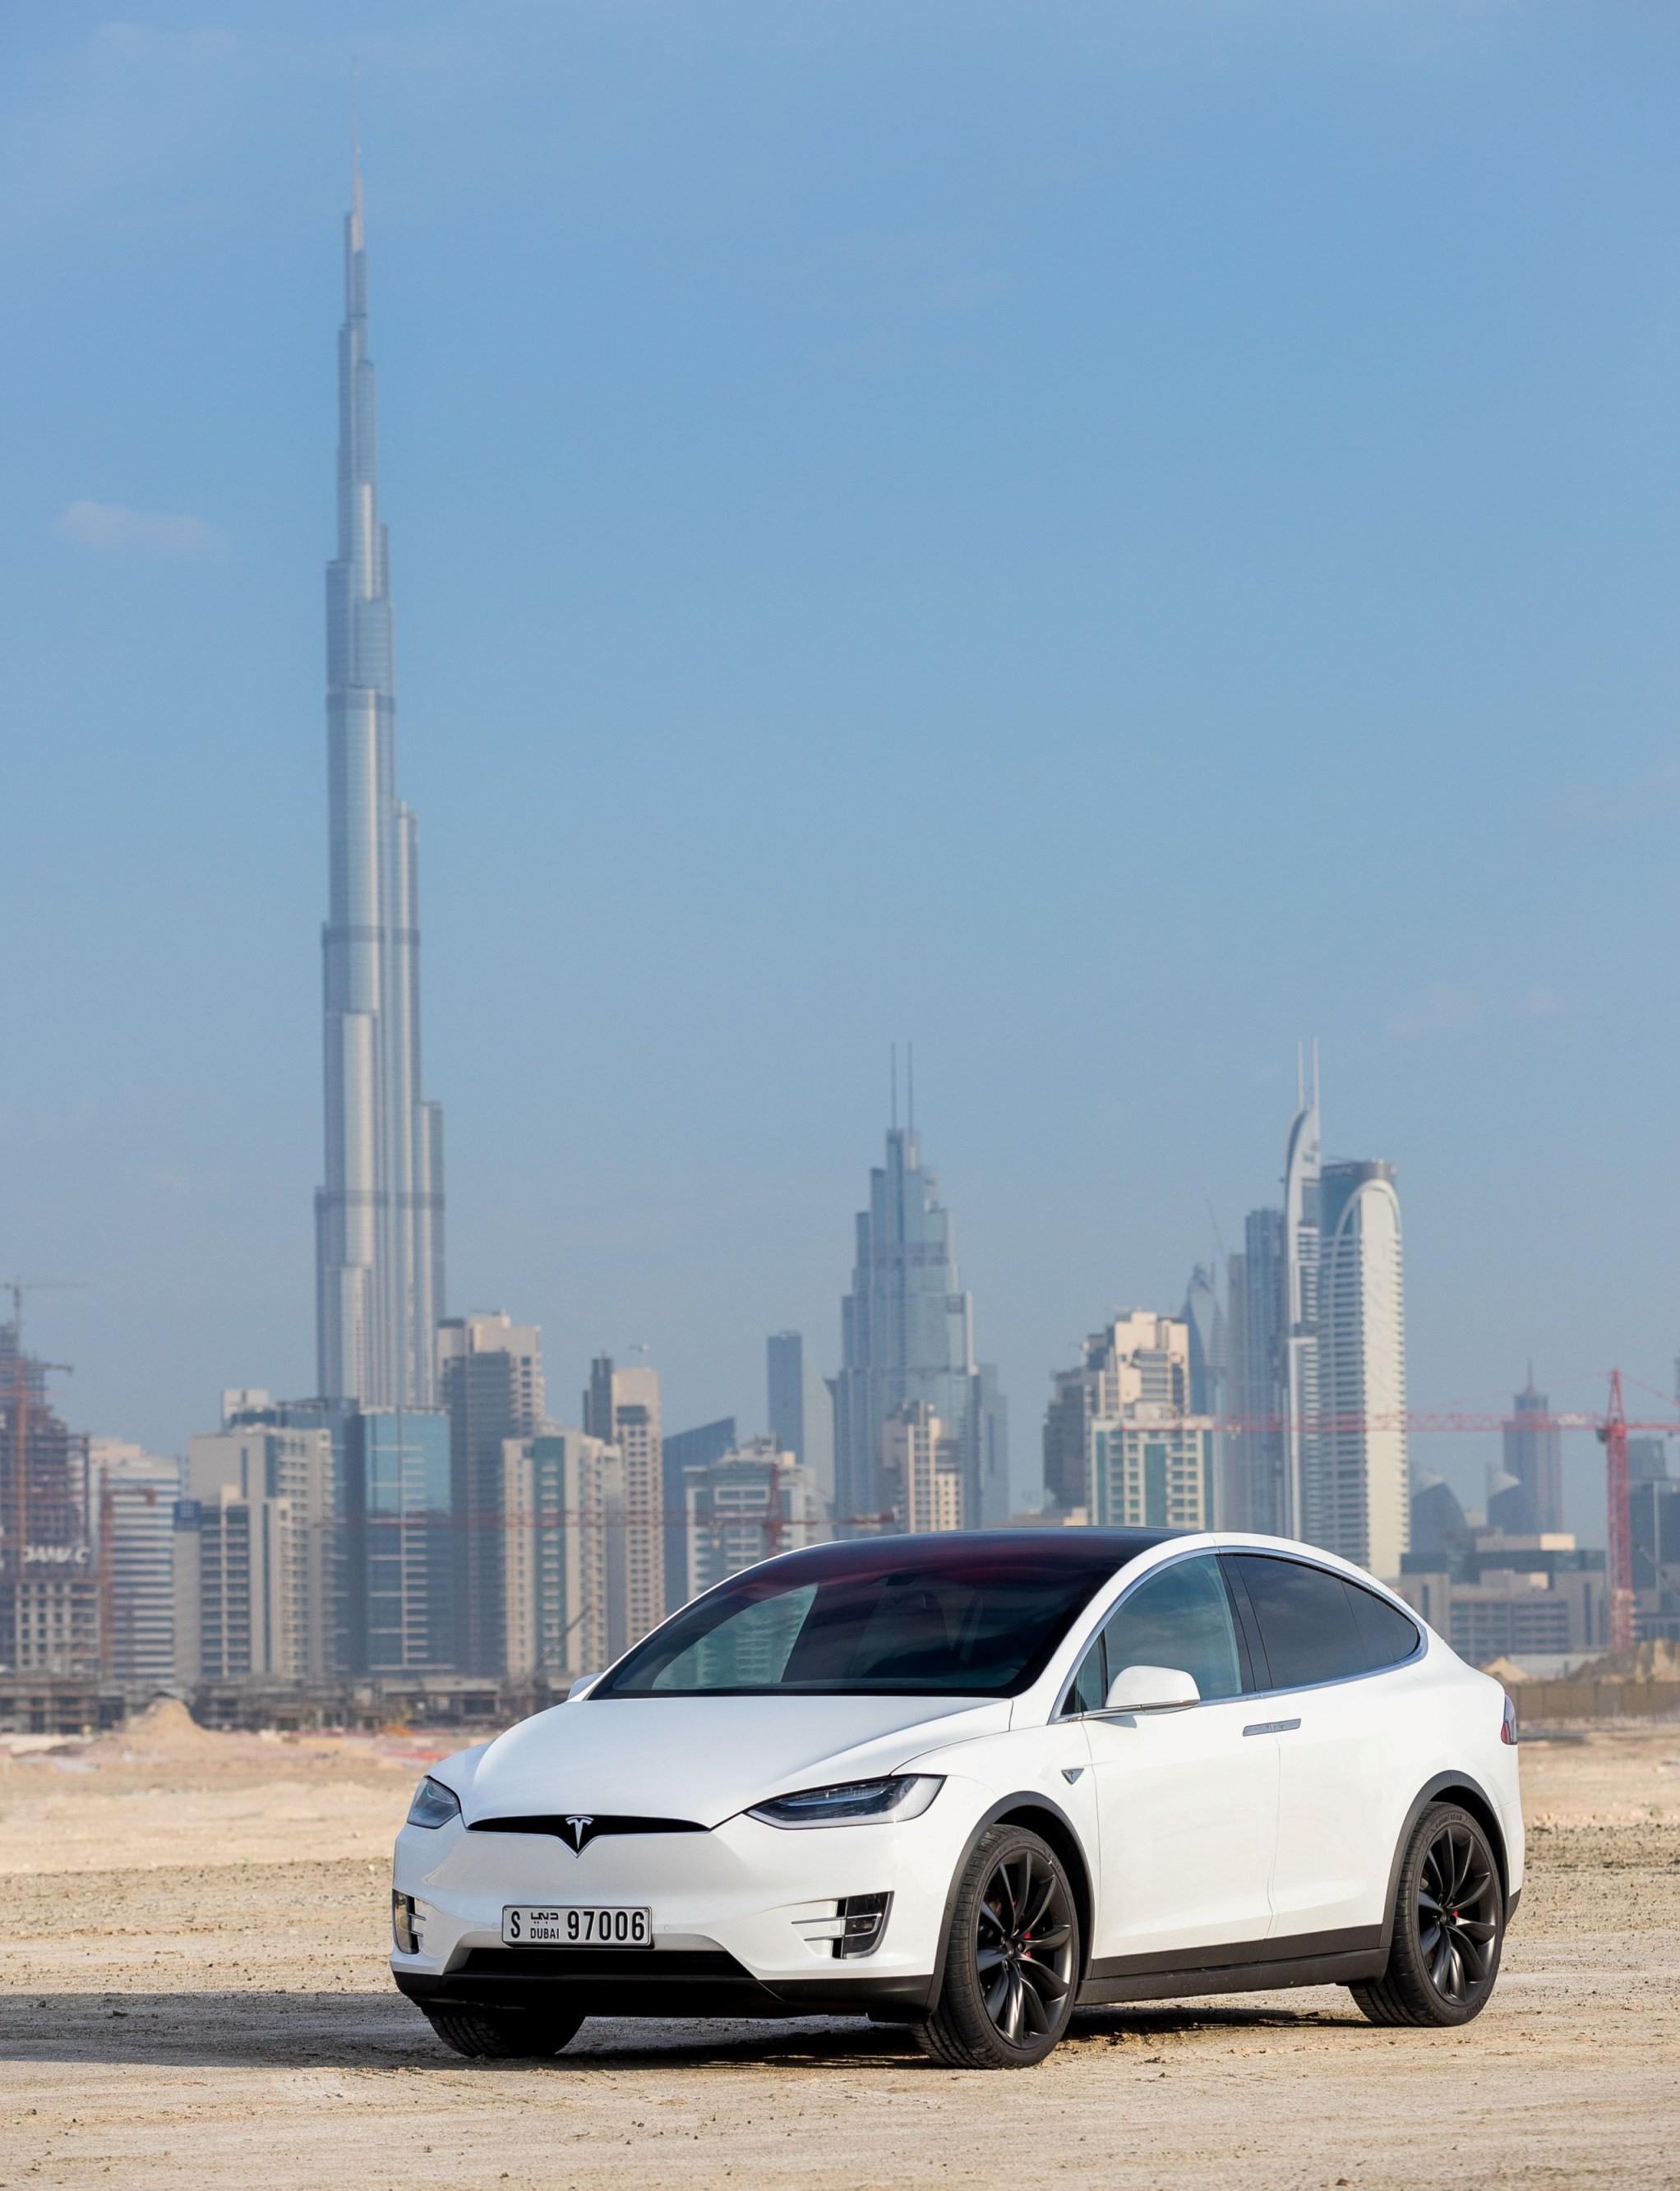 Tesla открывает продажи своих автомобилей в ОАЭ 529a35c7fda